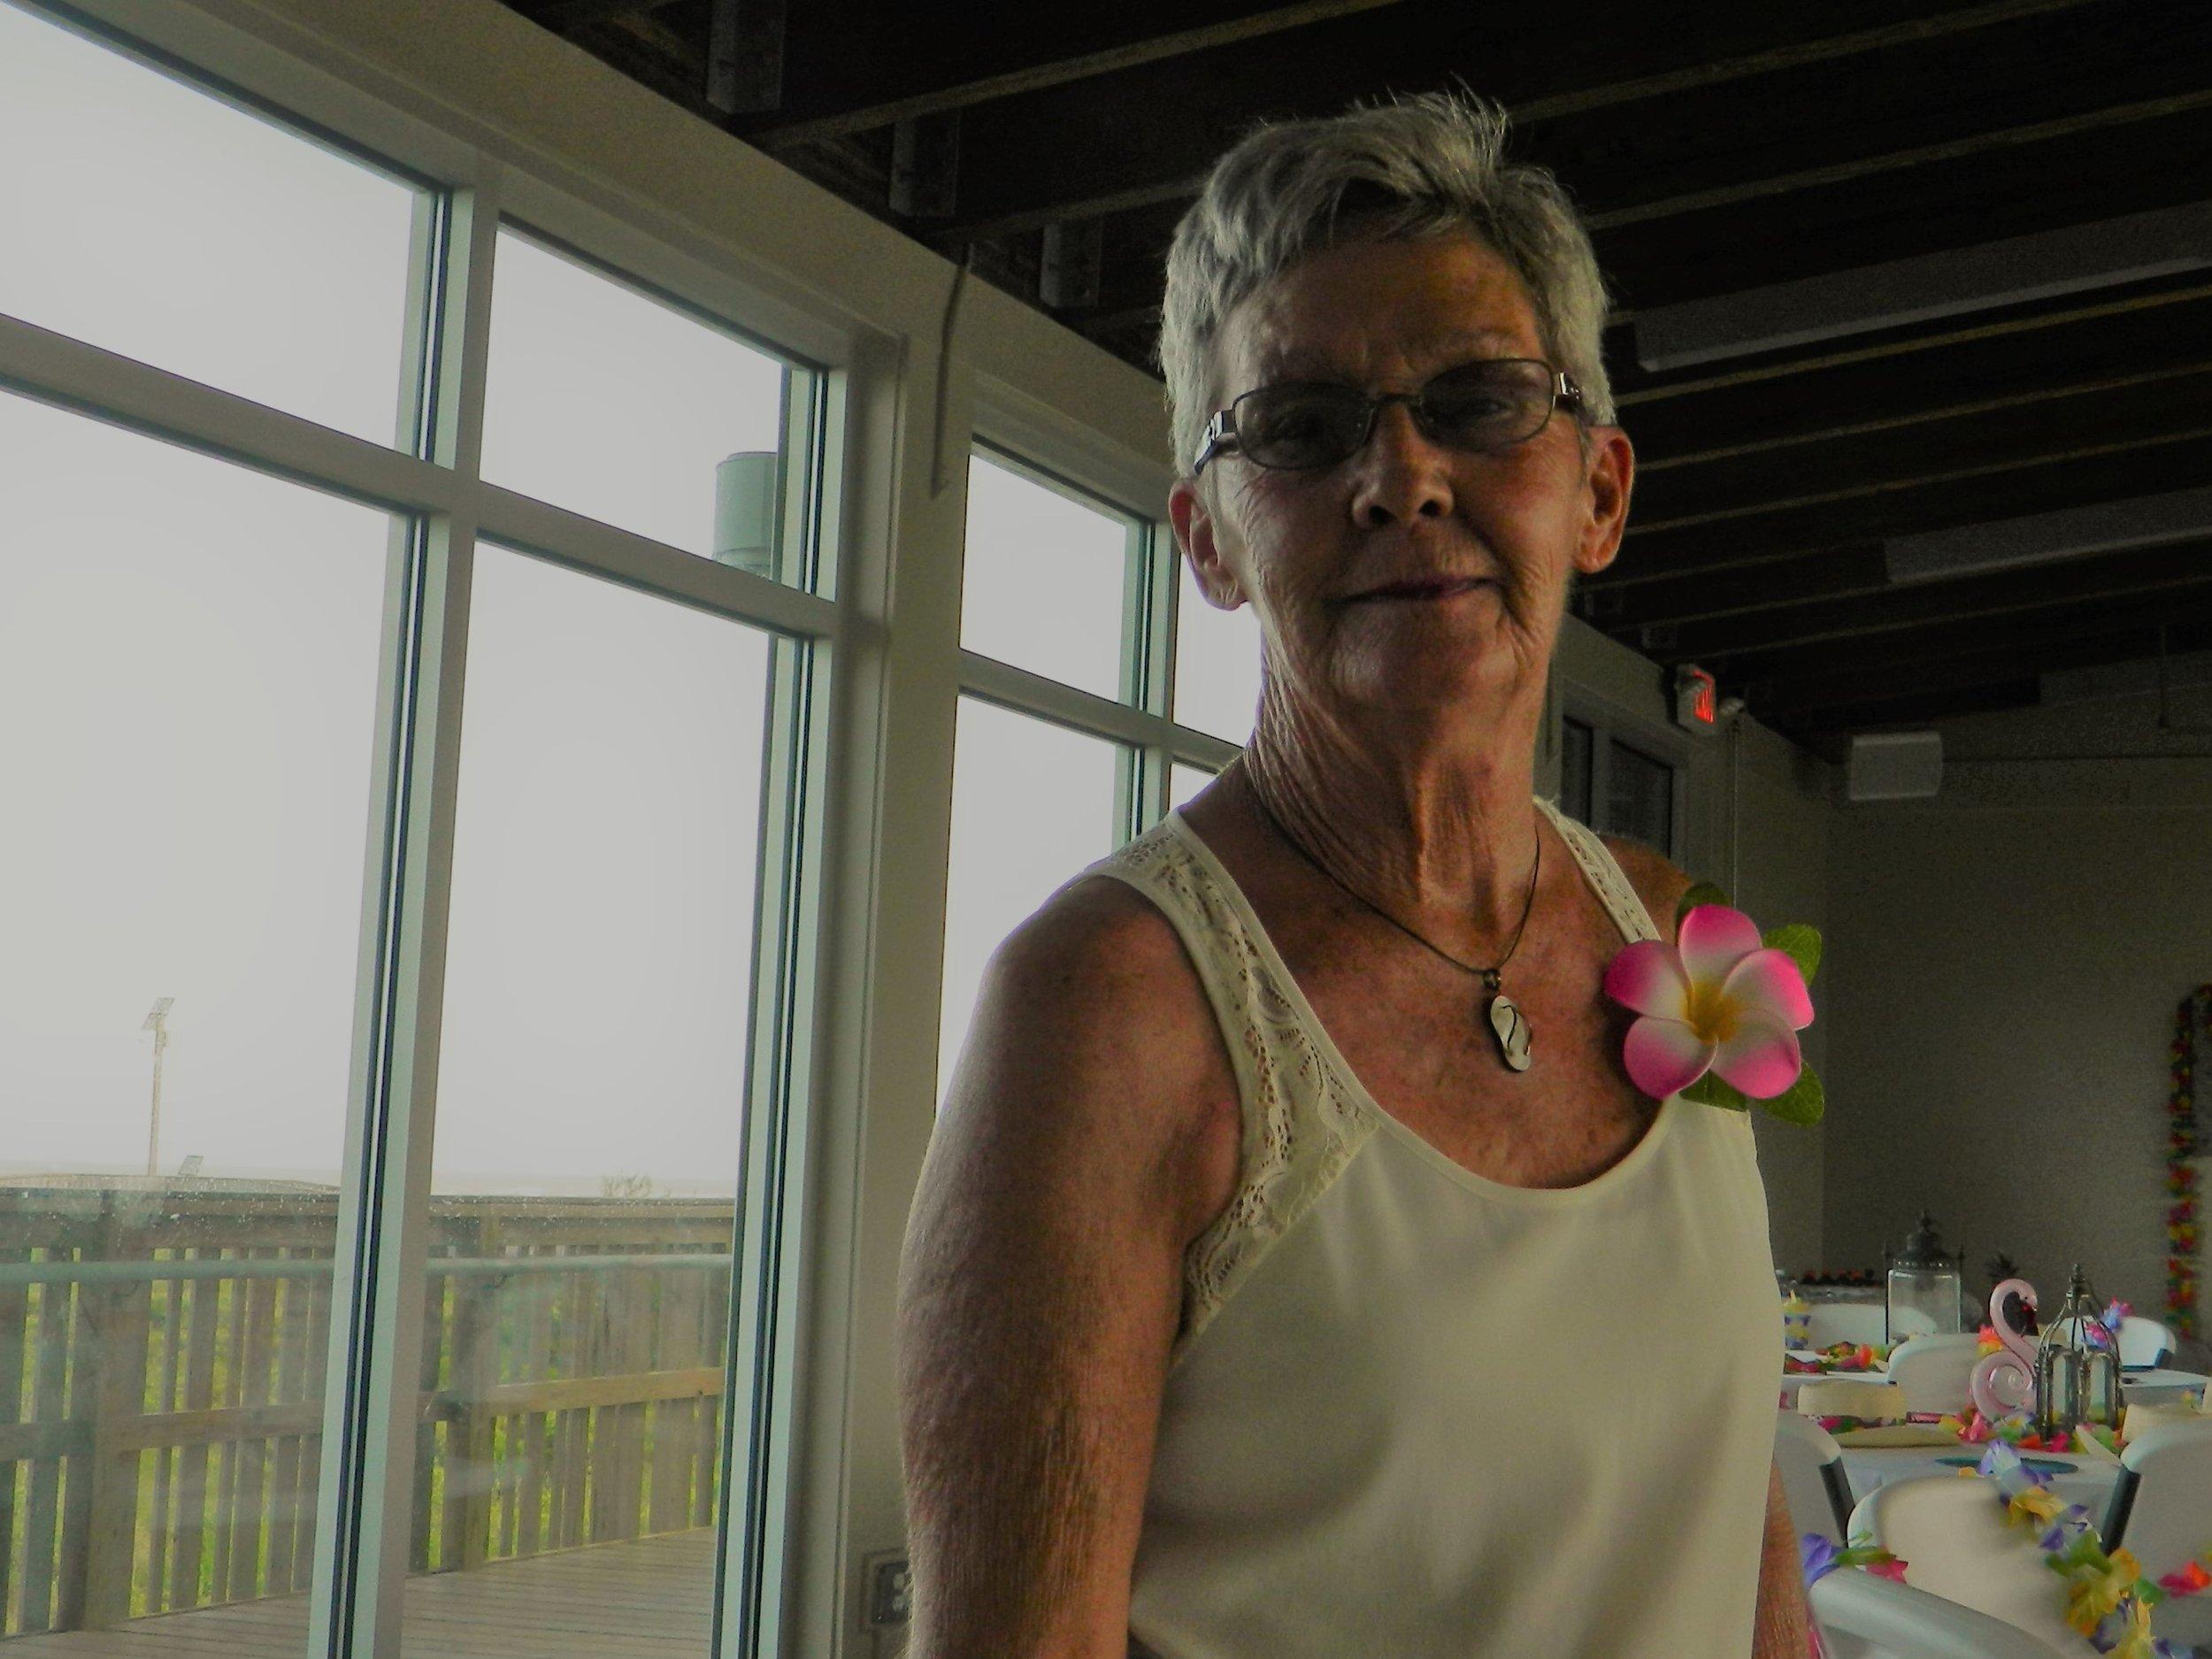 Another Quintana beauty, councilwoman Debbie Alongis